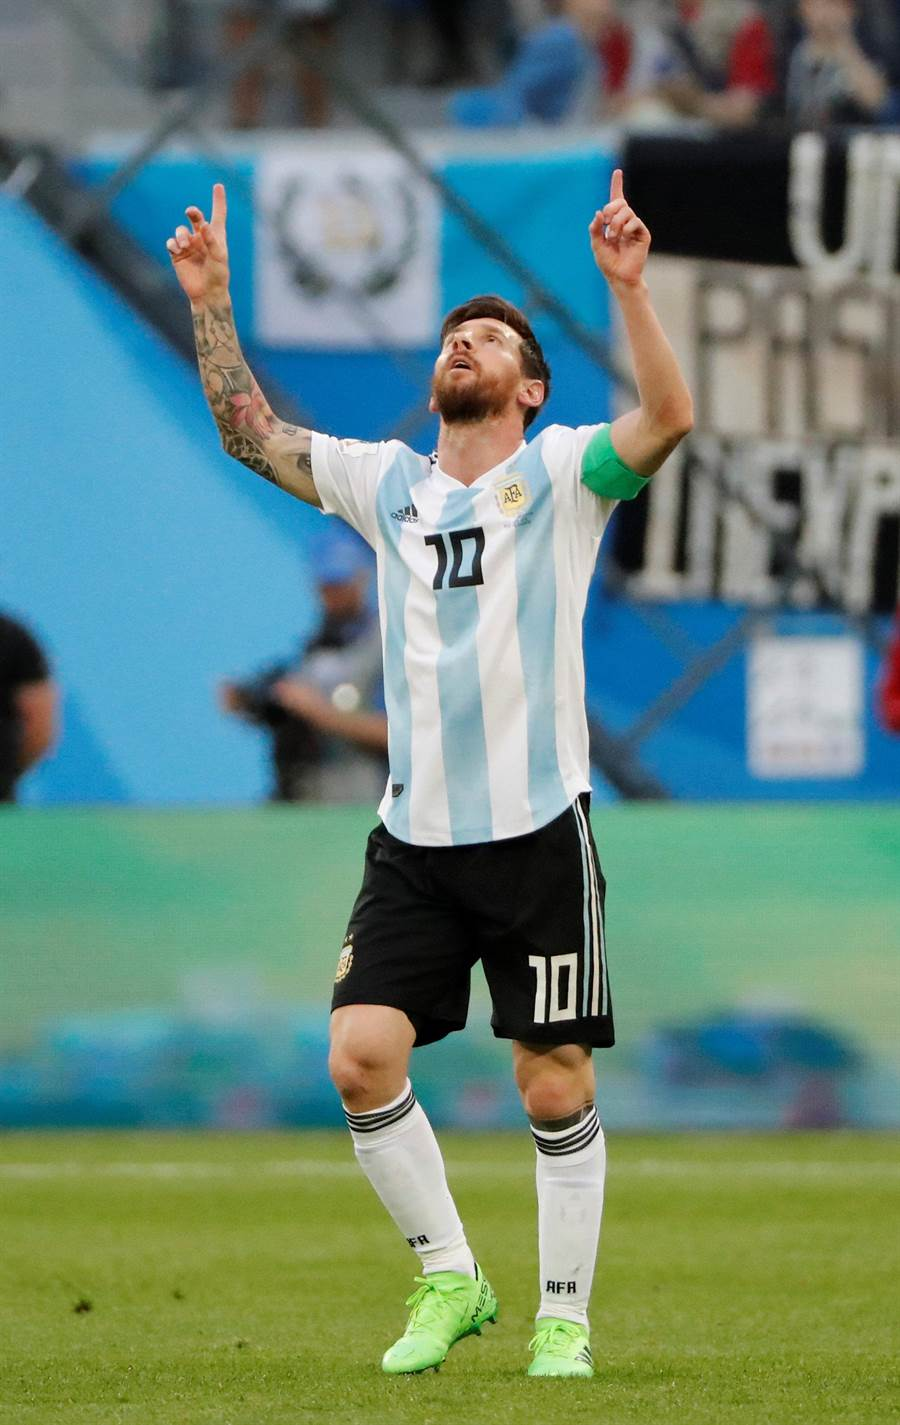 梅西伸出雙手食指指向天,感謝老天爺依然眷顧阿根廷,讓他們克服危機,順利晉級。(路透)